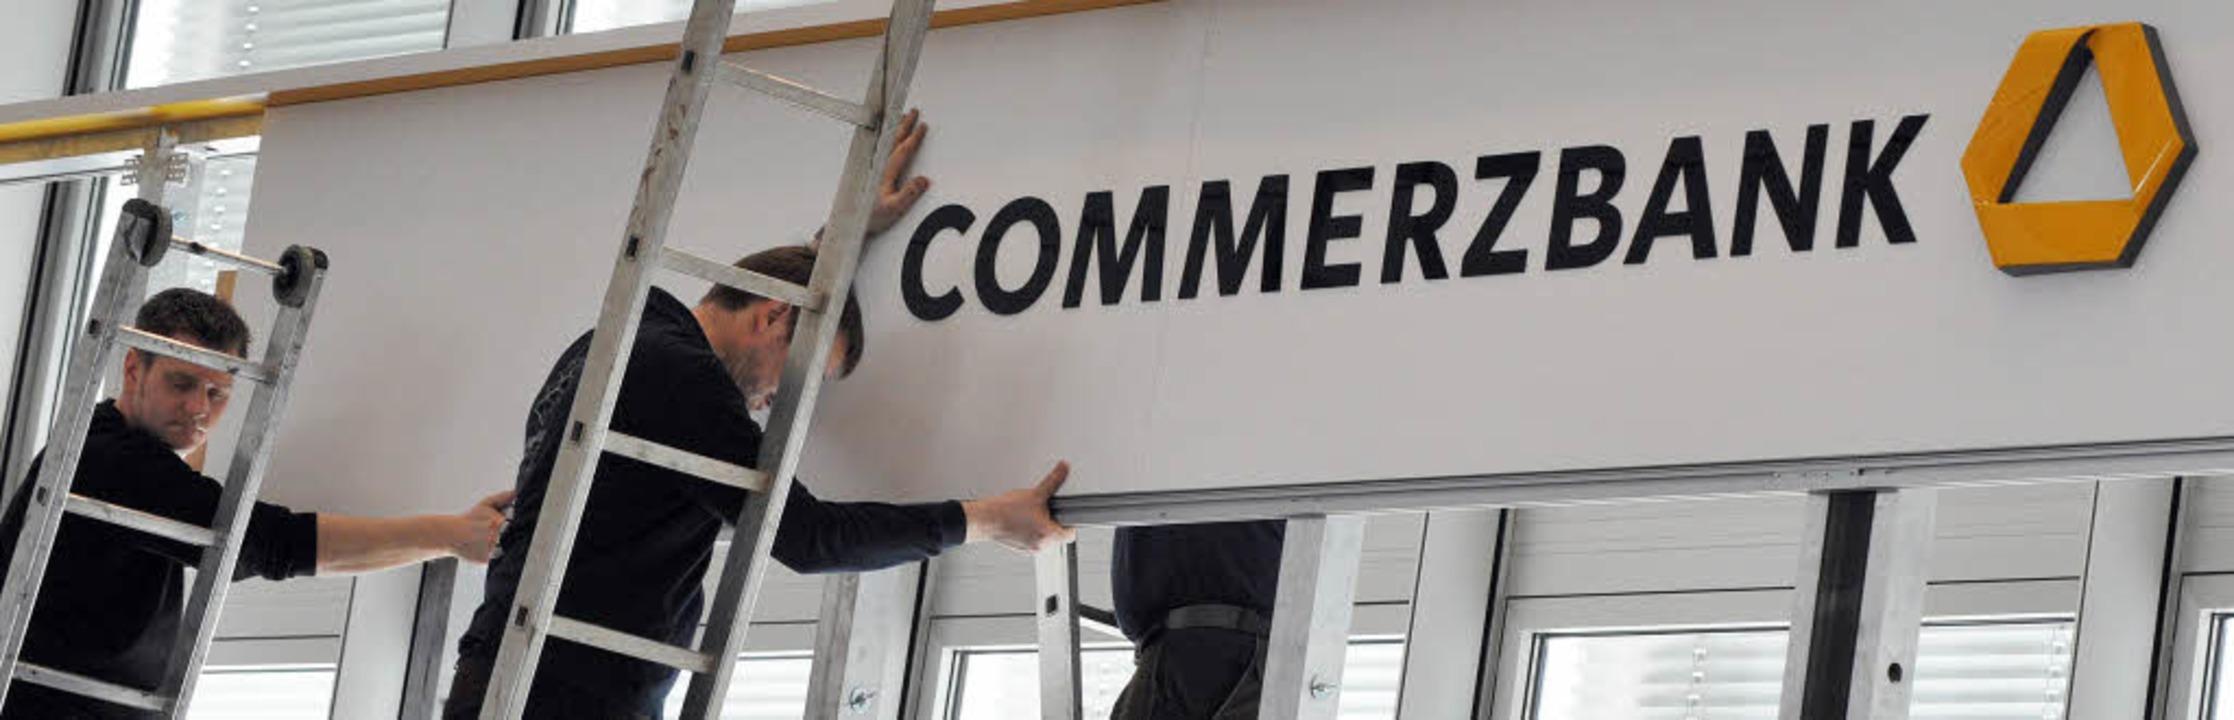 Jetzt wird abgebaut: Handwerker nehmen... Frankfurt das Logo des Konzerns ab.      Foto: dpa/dapd